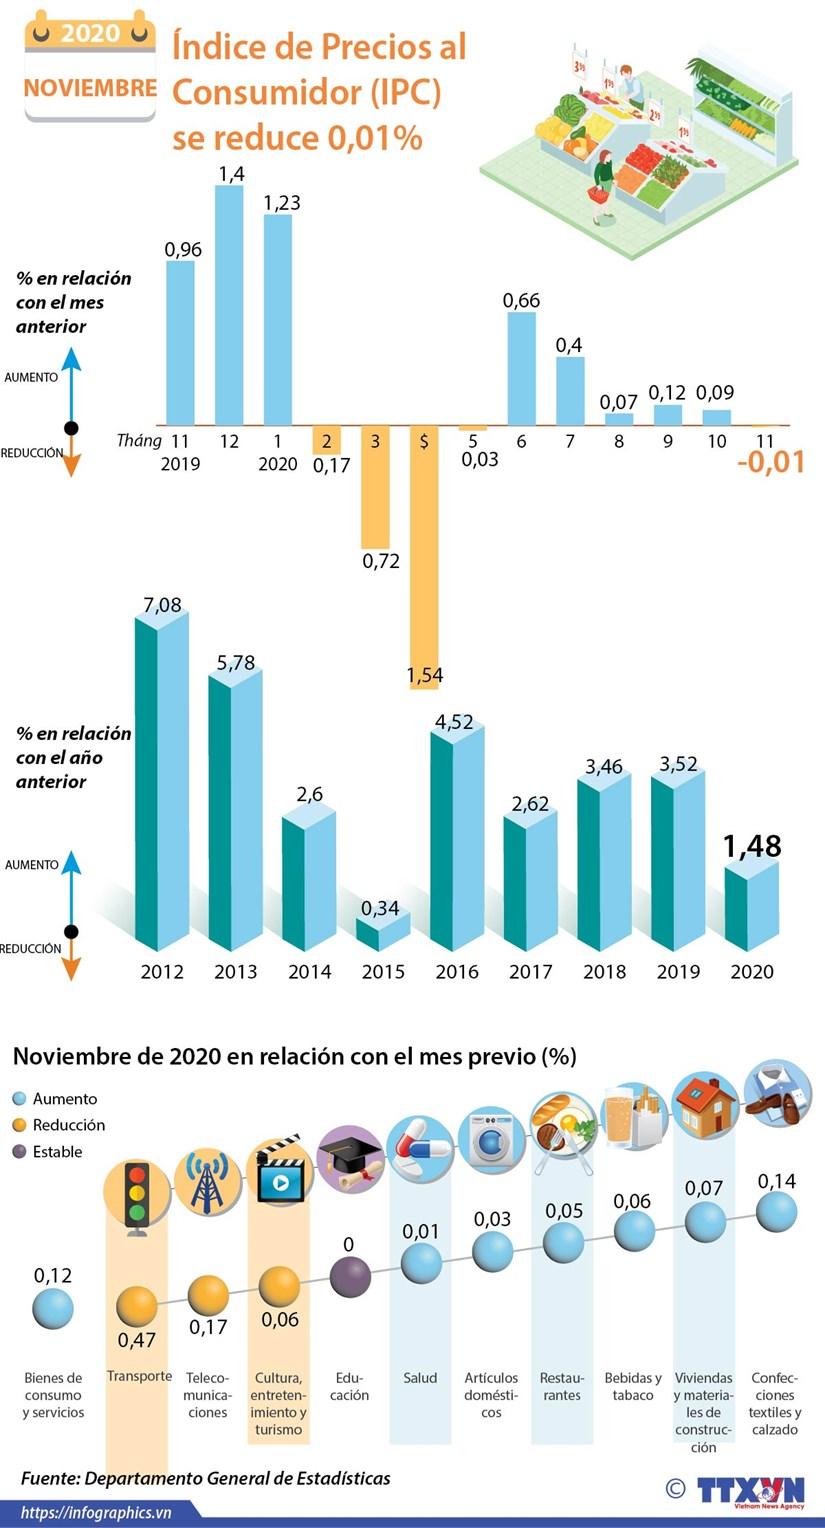 Indice de Precios al Consumidor (IPC) se reduce 0,01% hinh anh 1